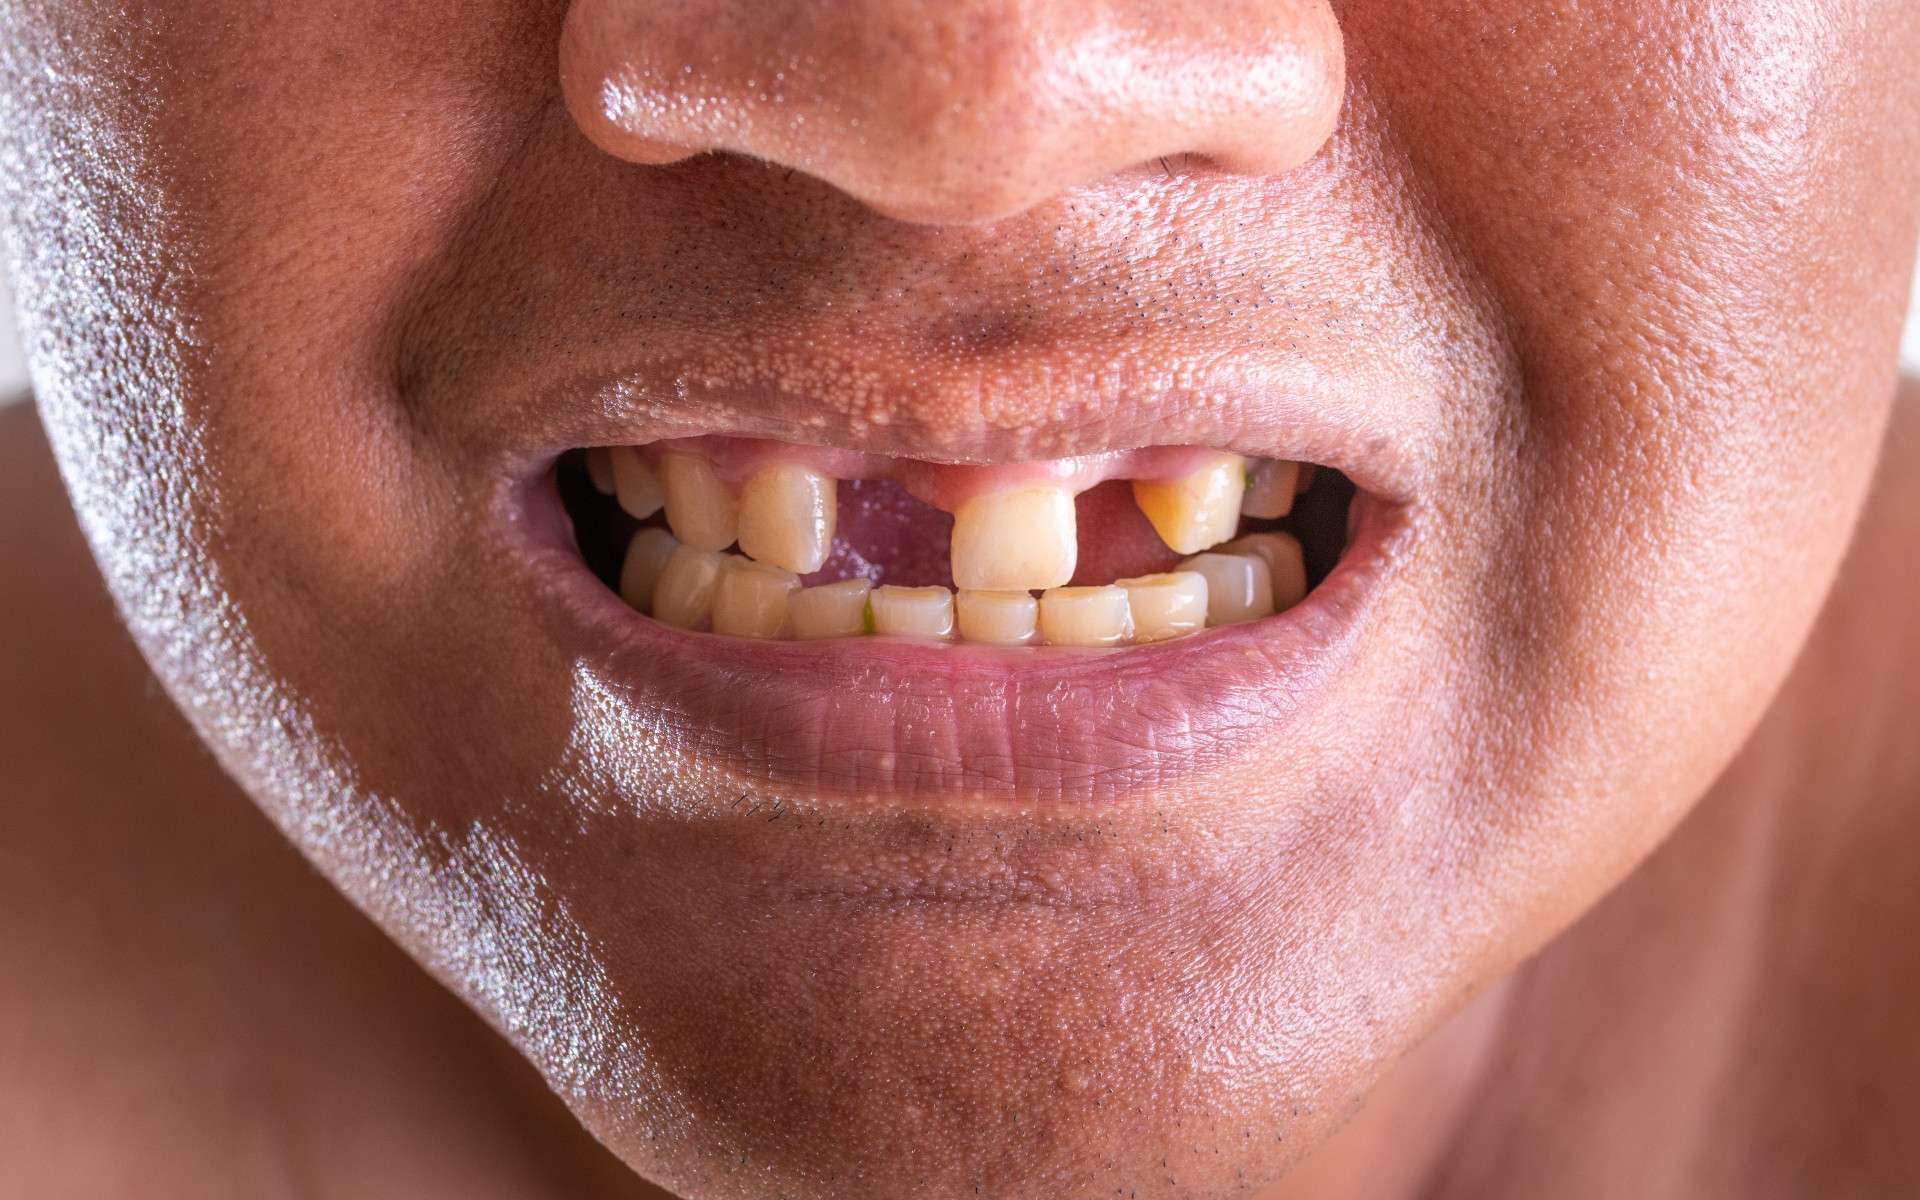 L'agénésie dentaire est une maladie où une ou plusieurs dents définitives sont absentes. © praewpailyn, Adobe Stock